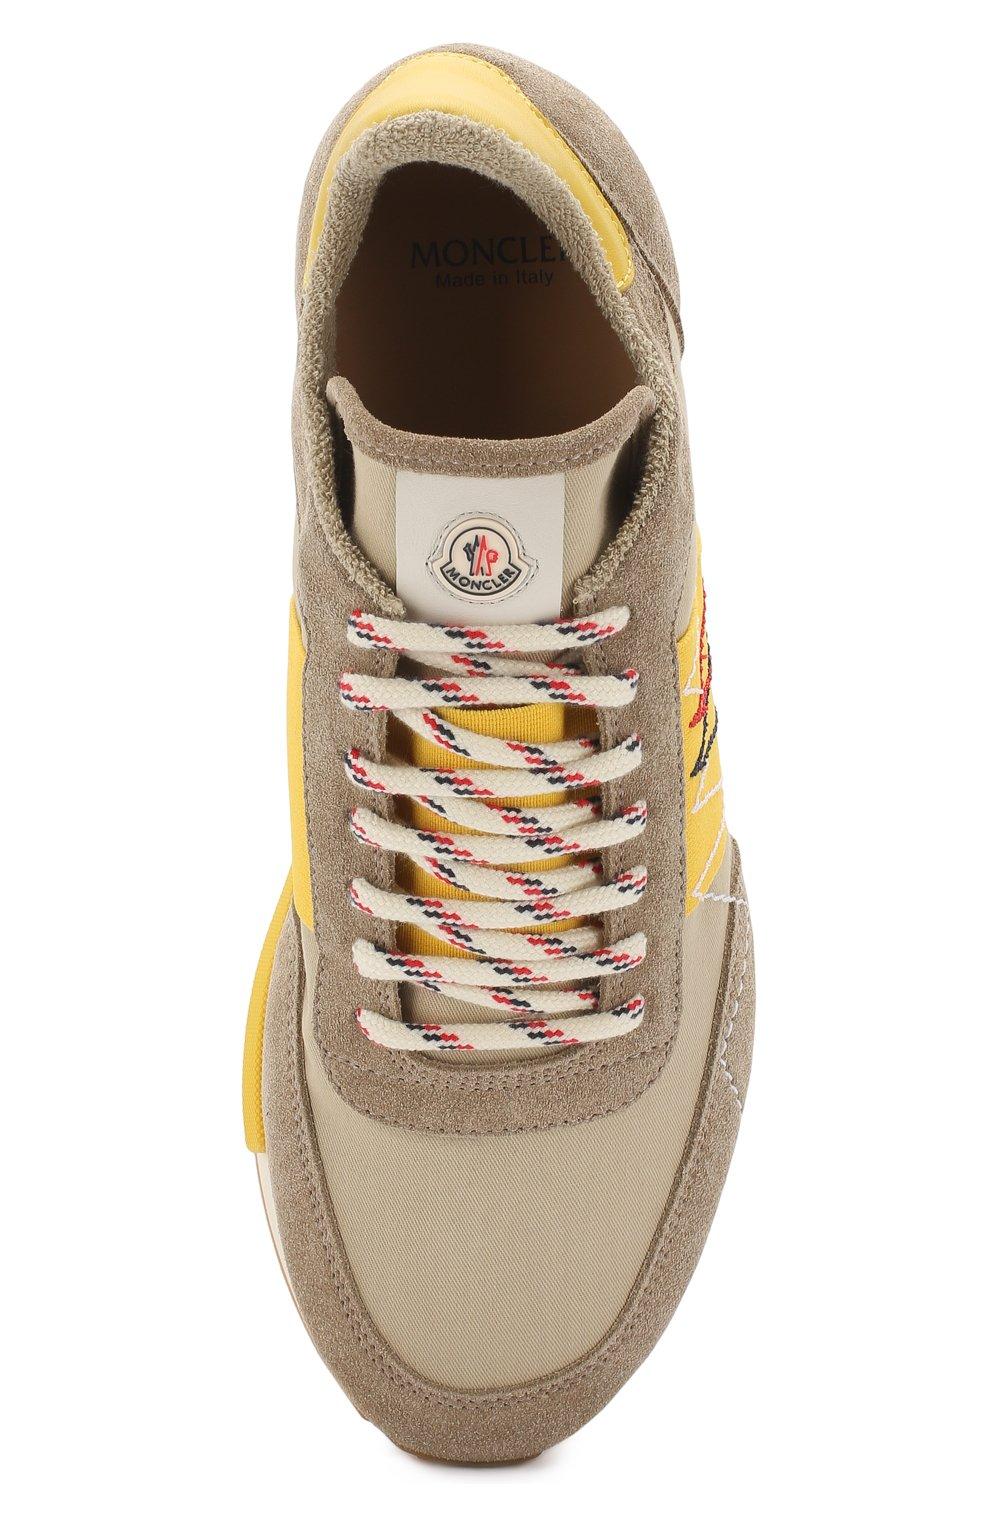 Мужские комбинированные кроссовки на шнуровке MONCLER коричневого цвета, арт. D1-09A-10191-00-019NF | Фото 5